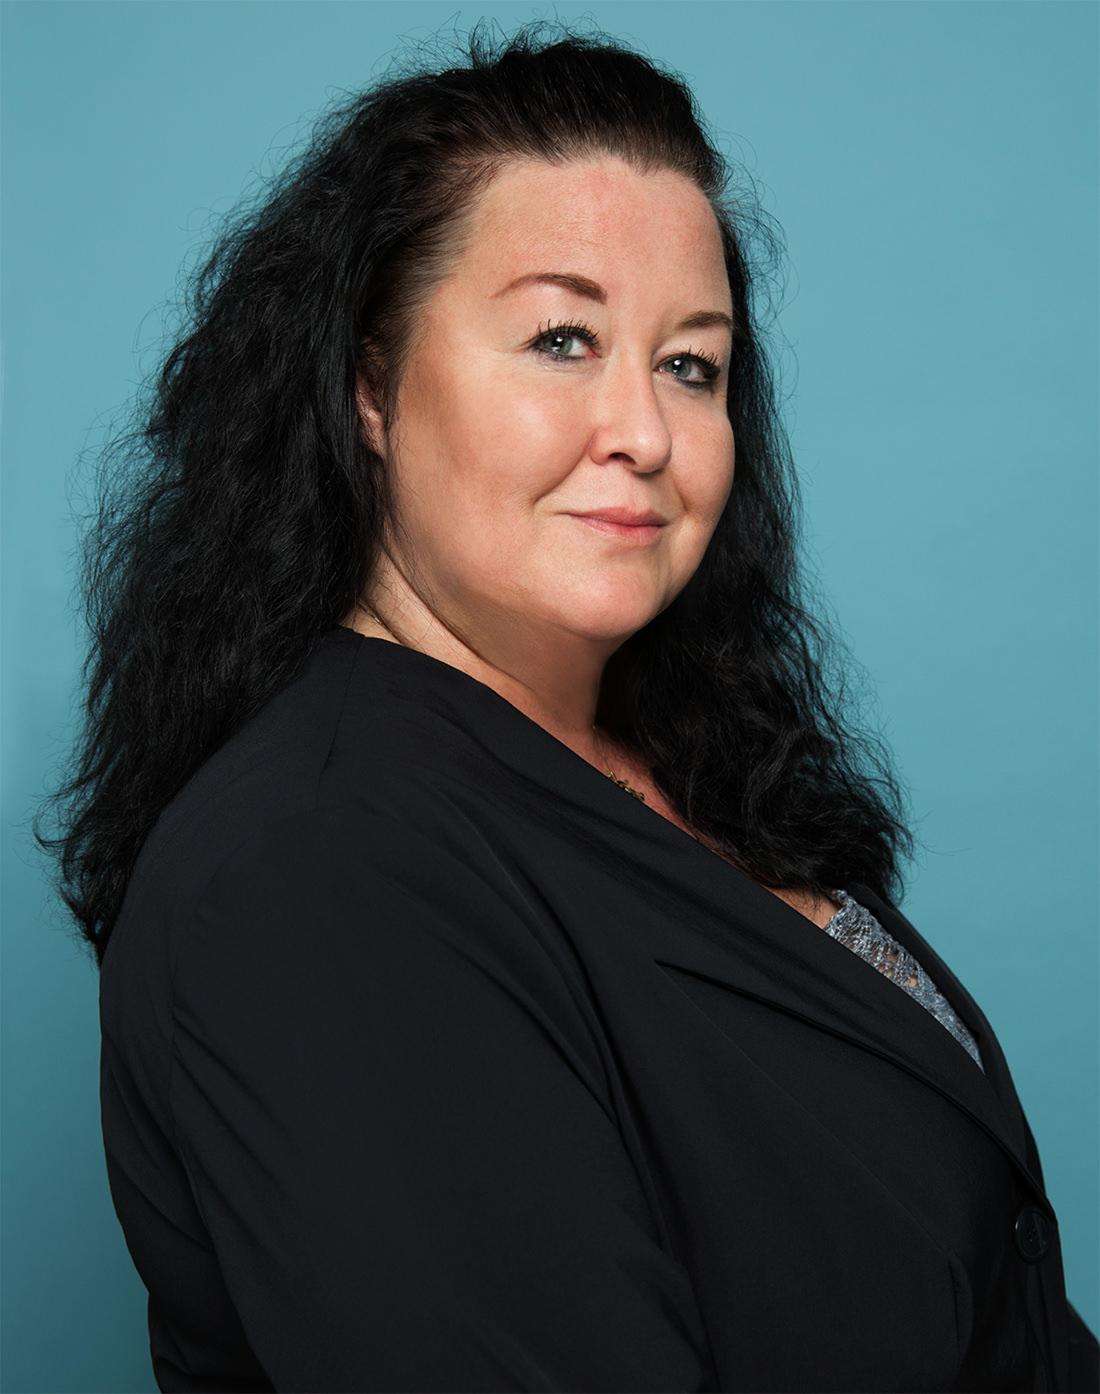 Portraitfoto: Carolin Eder